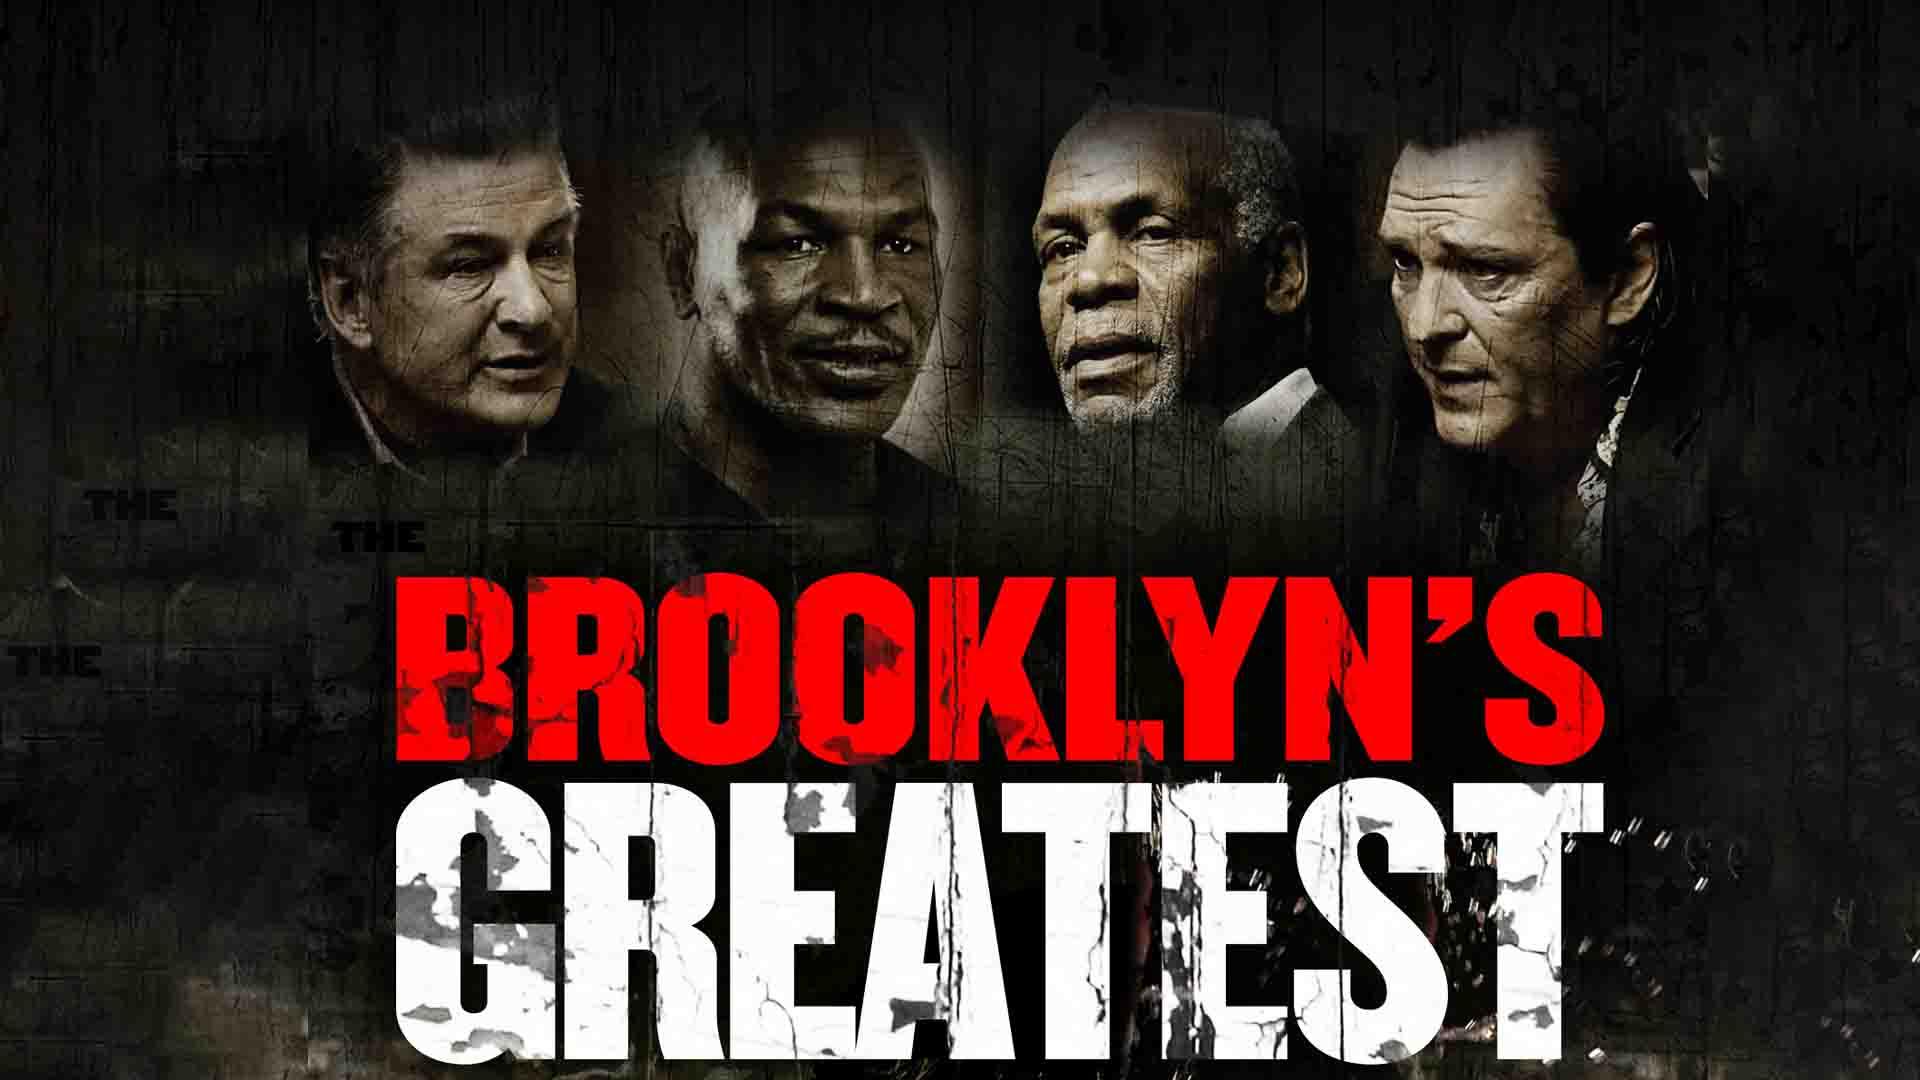 Brooklyn's Greatest